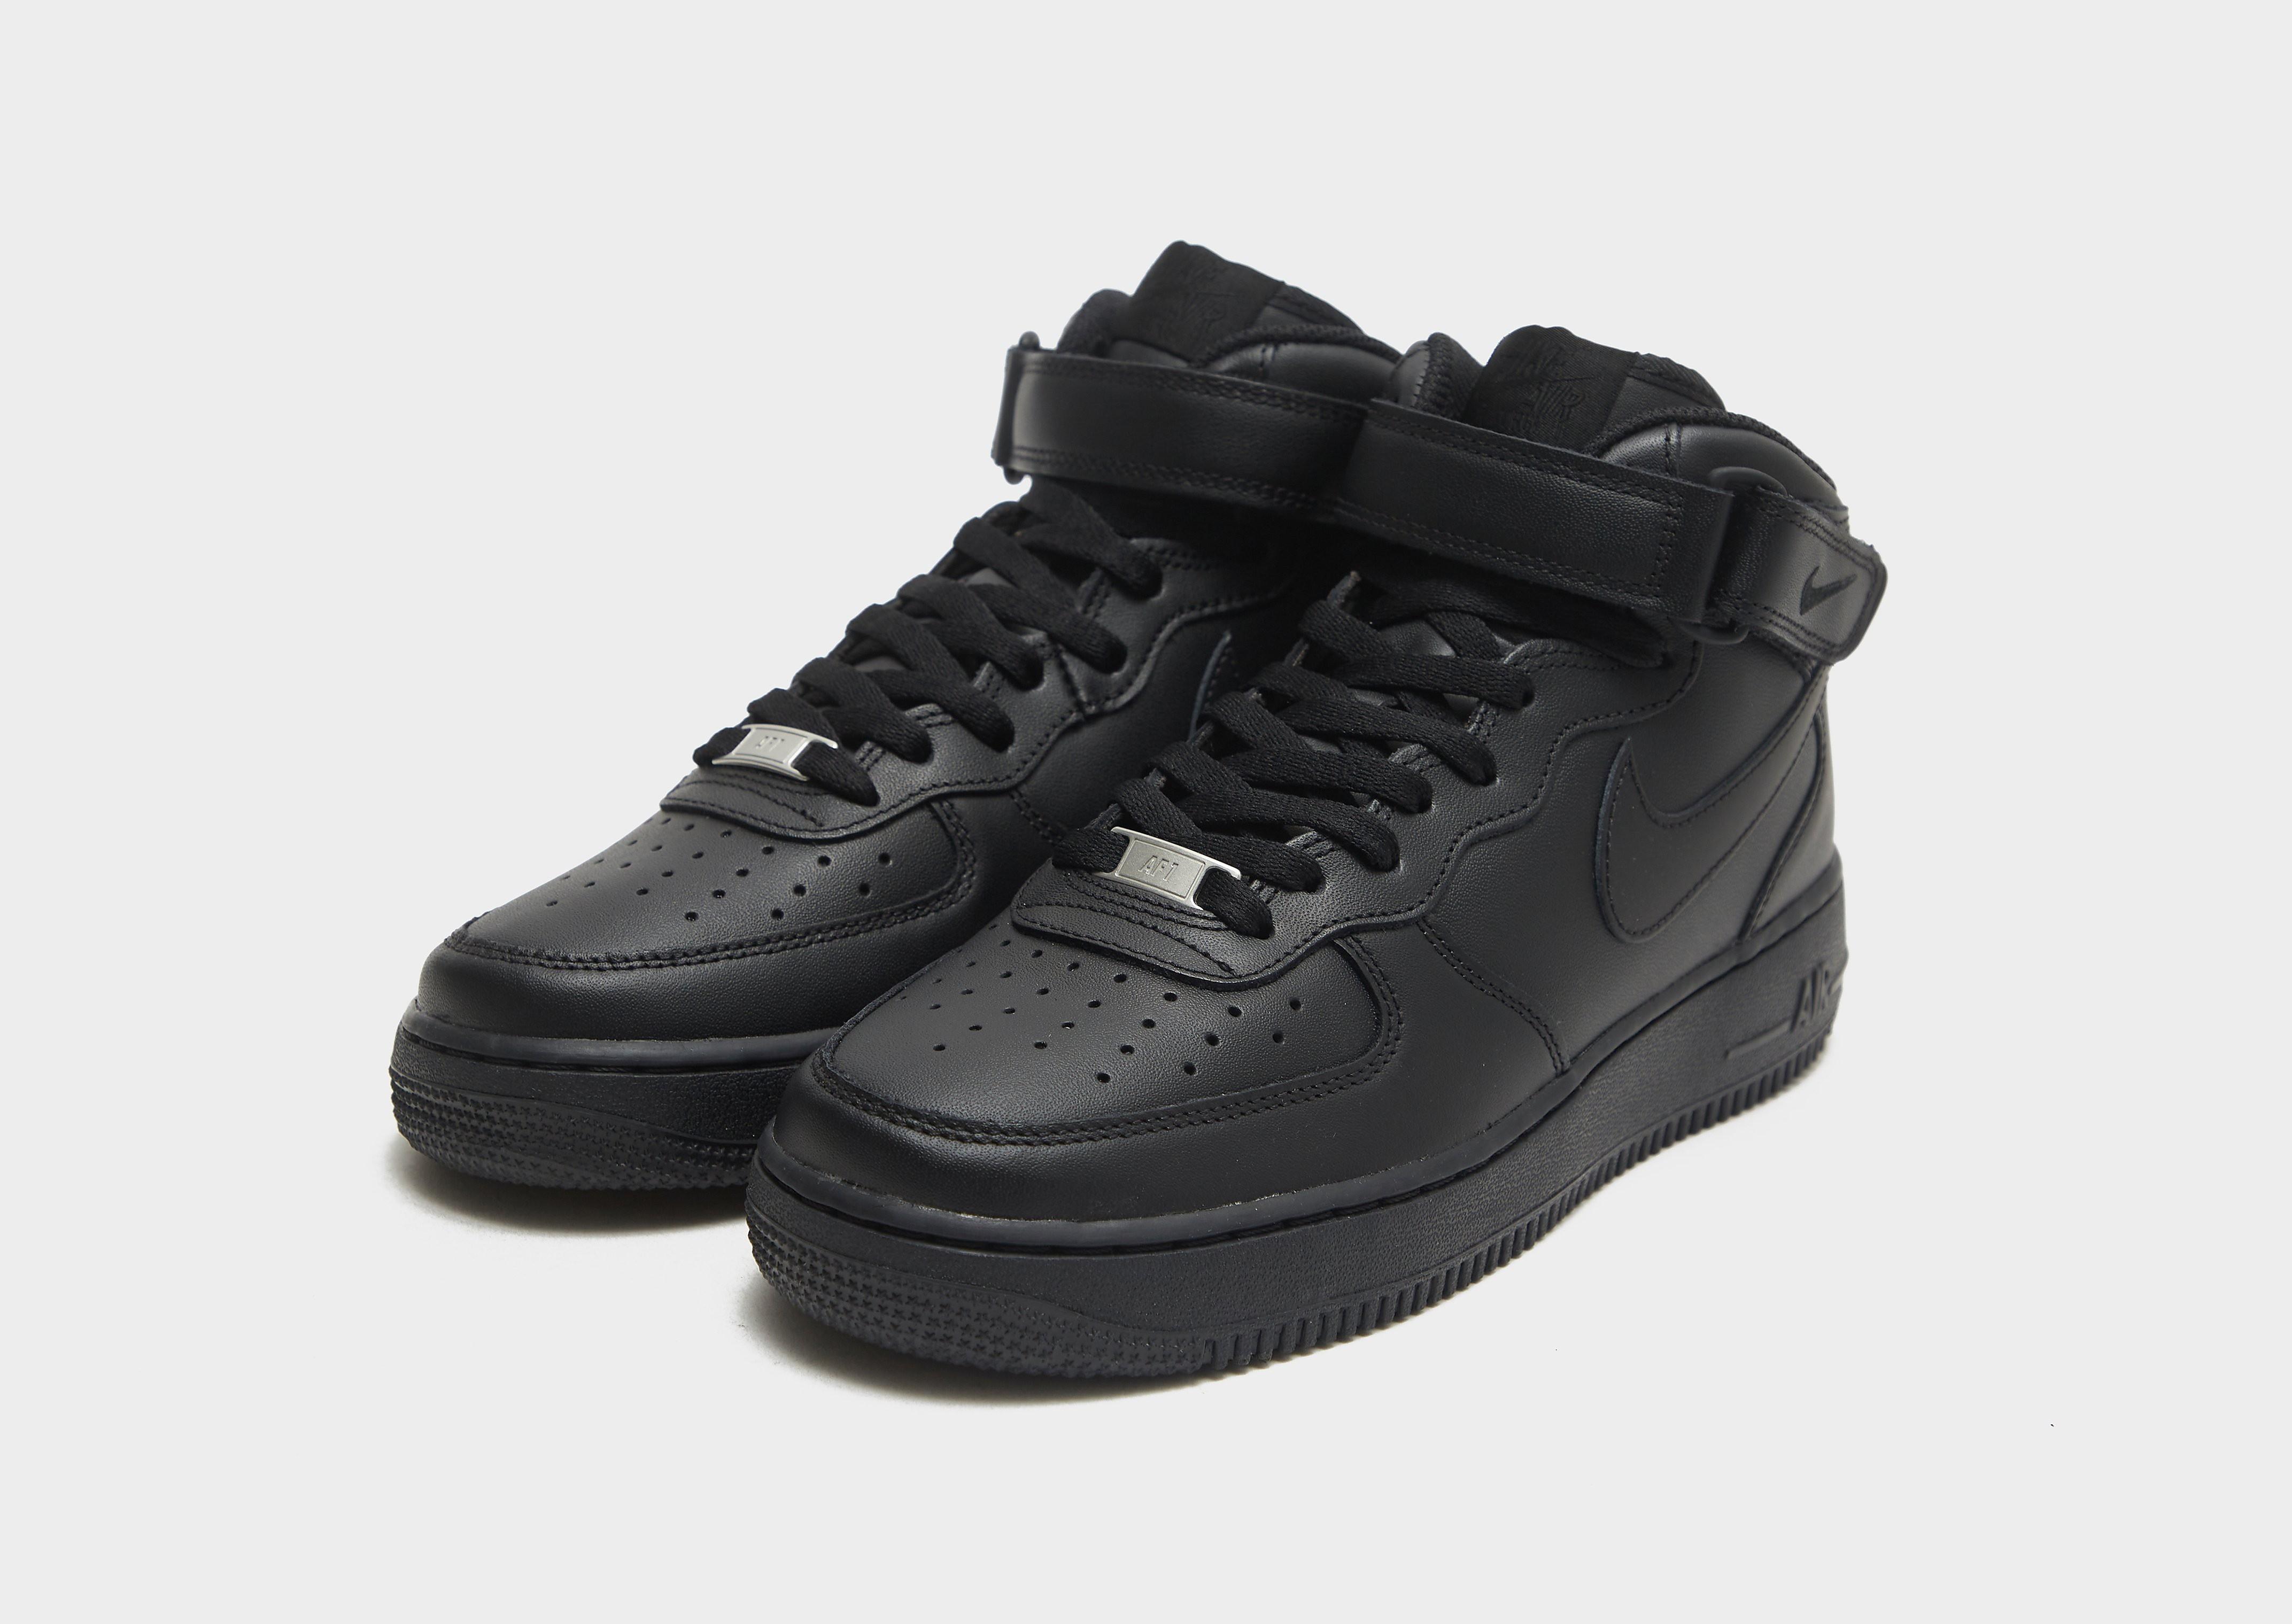 Men's Nike Air Force 1 Nike Sneakers and Footwear JD Sports